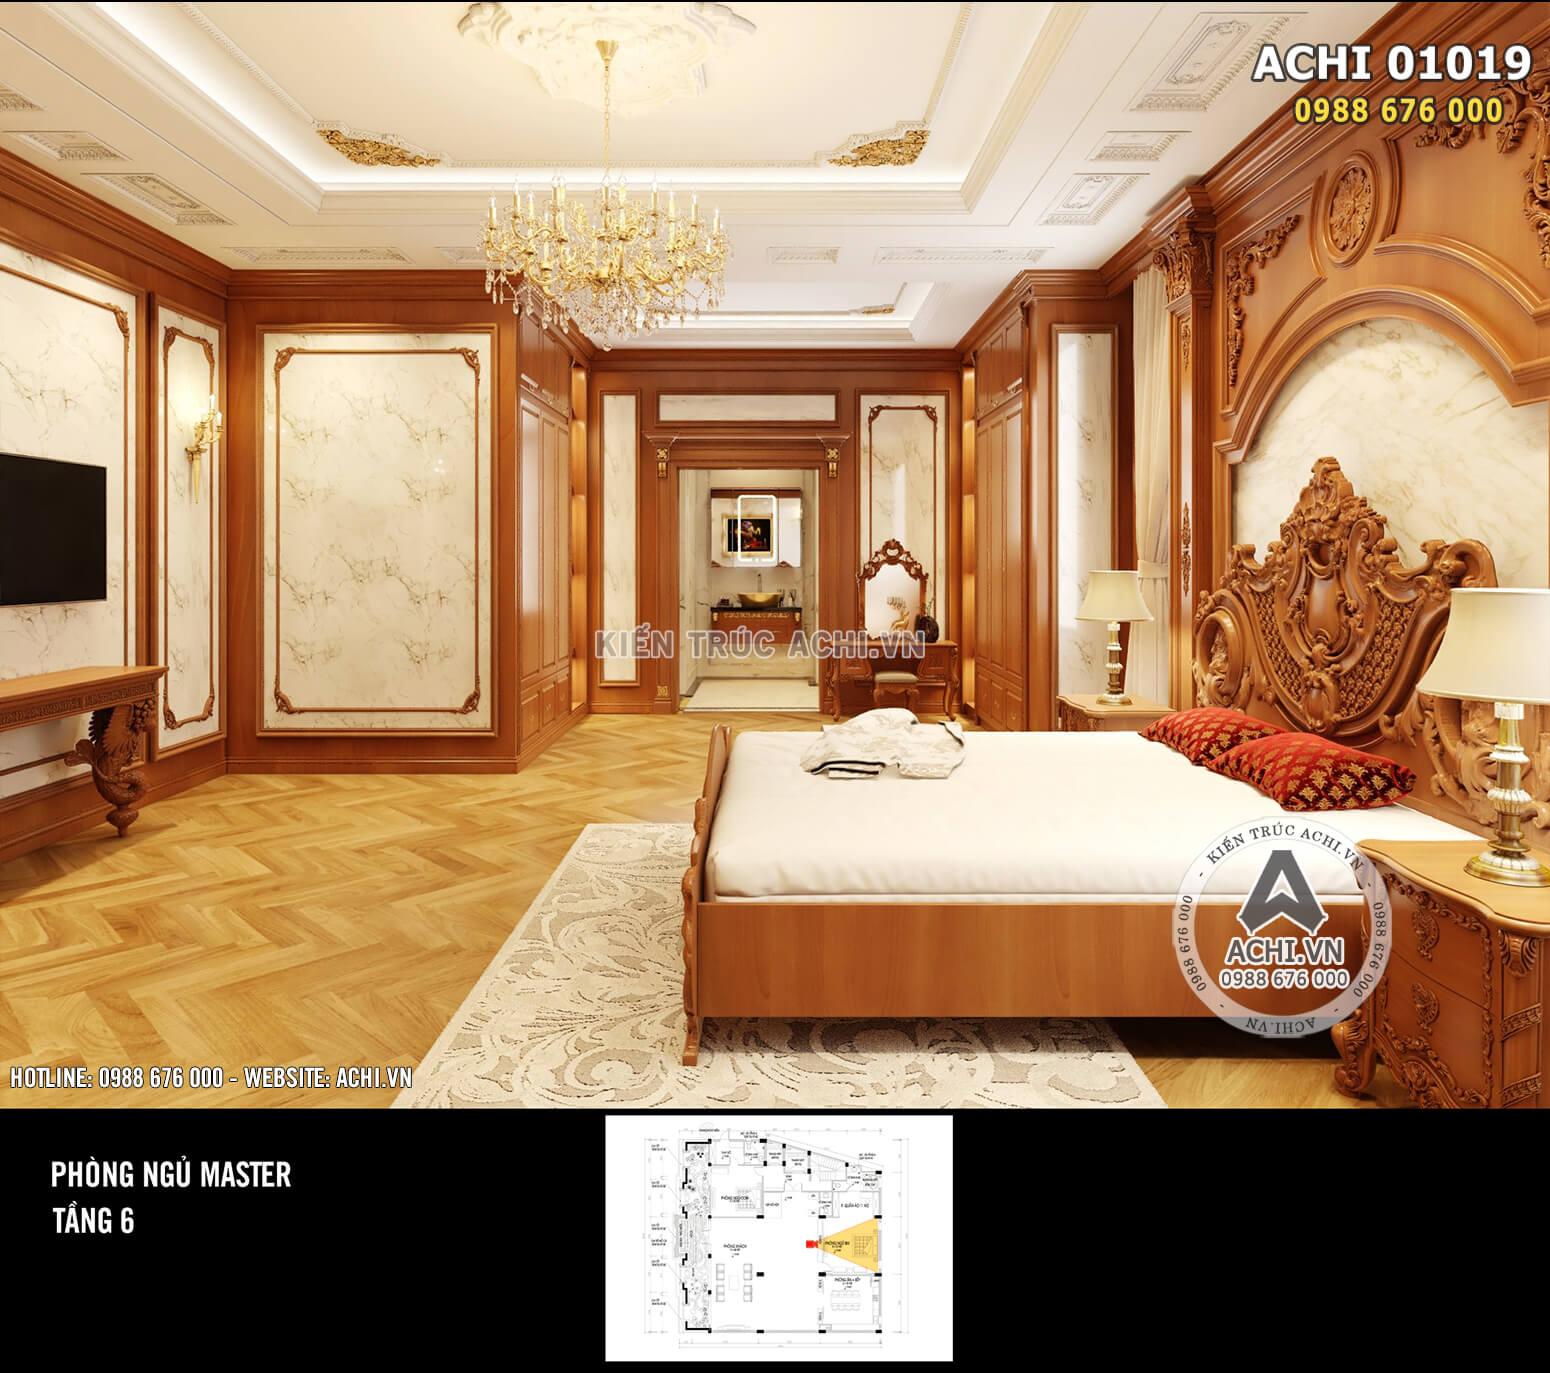 Hình ảnh: Nội thất bằng gỗ cao cấp được ưu ái – ACHI 01019